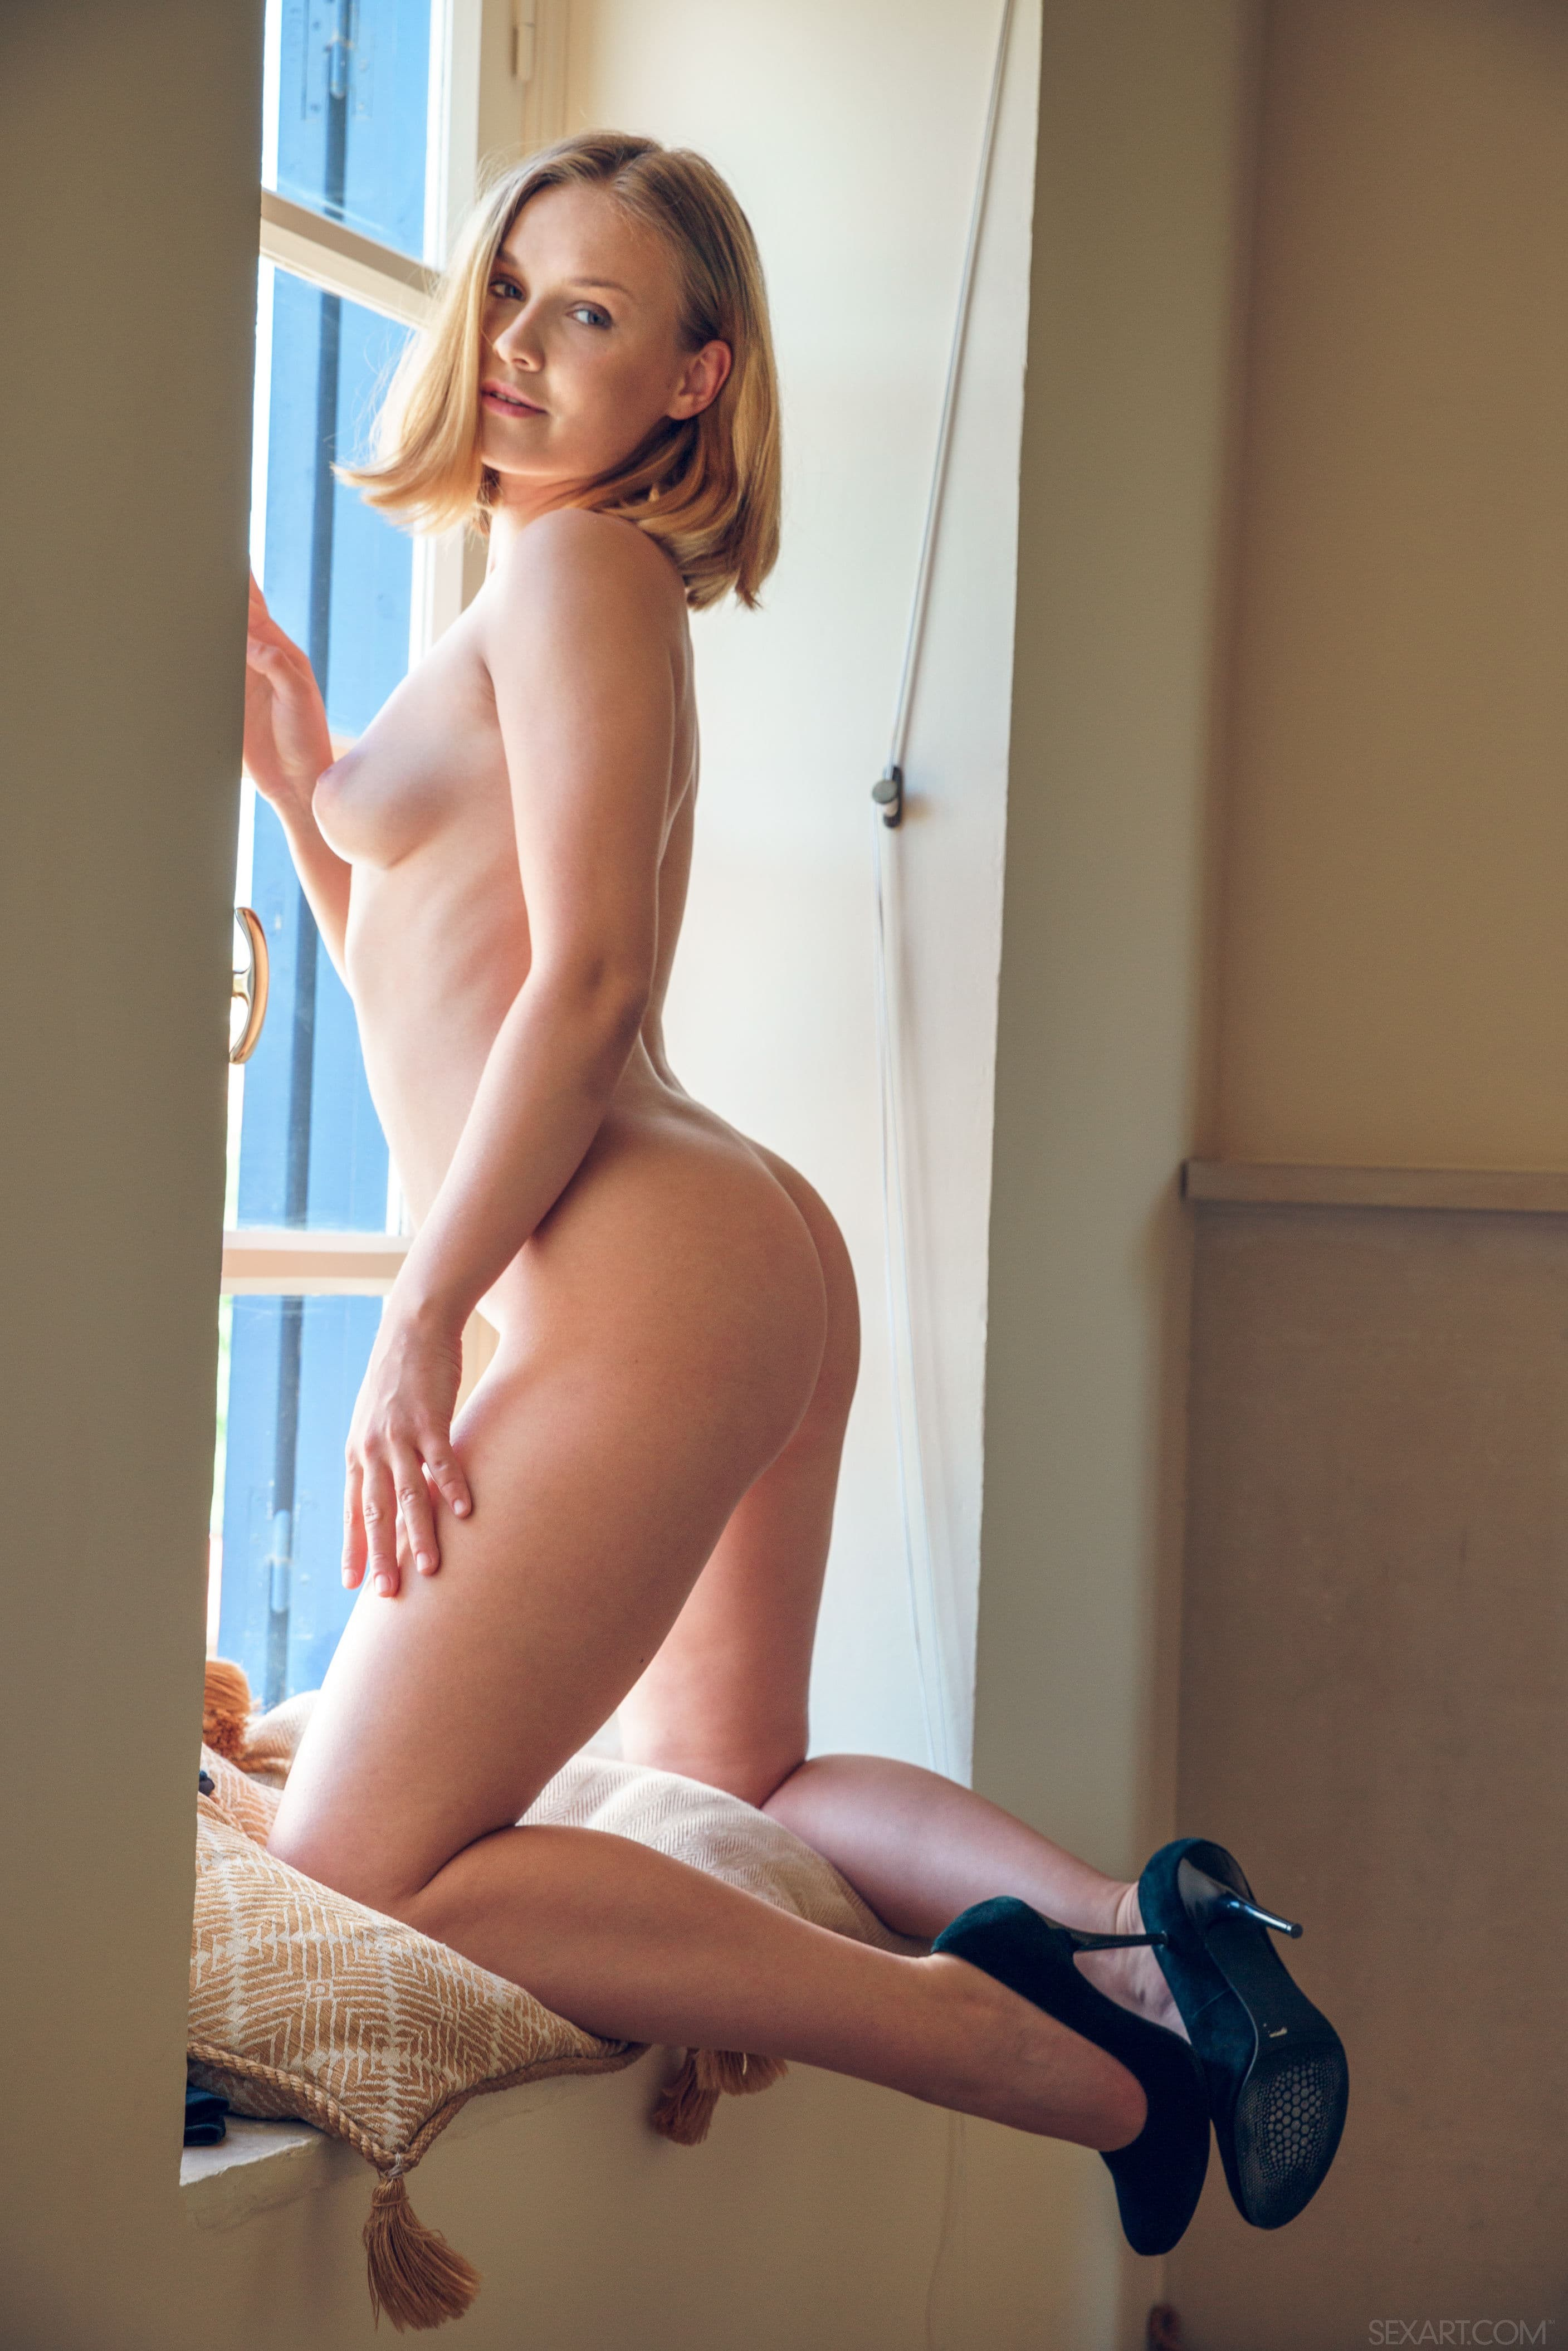 Девушка с красивым телом позирует на полу - фото